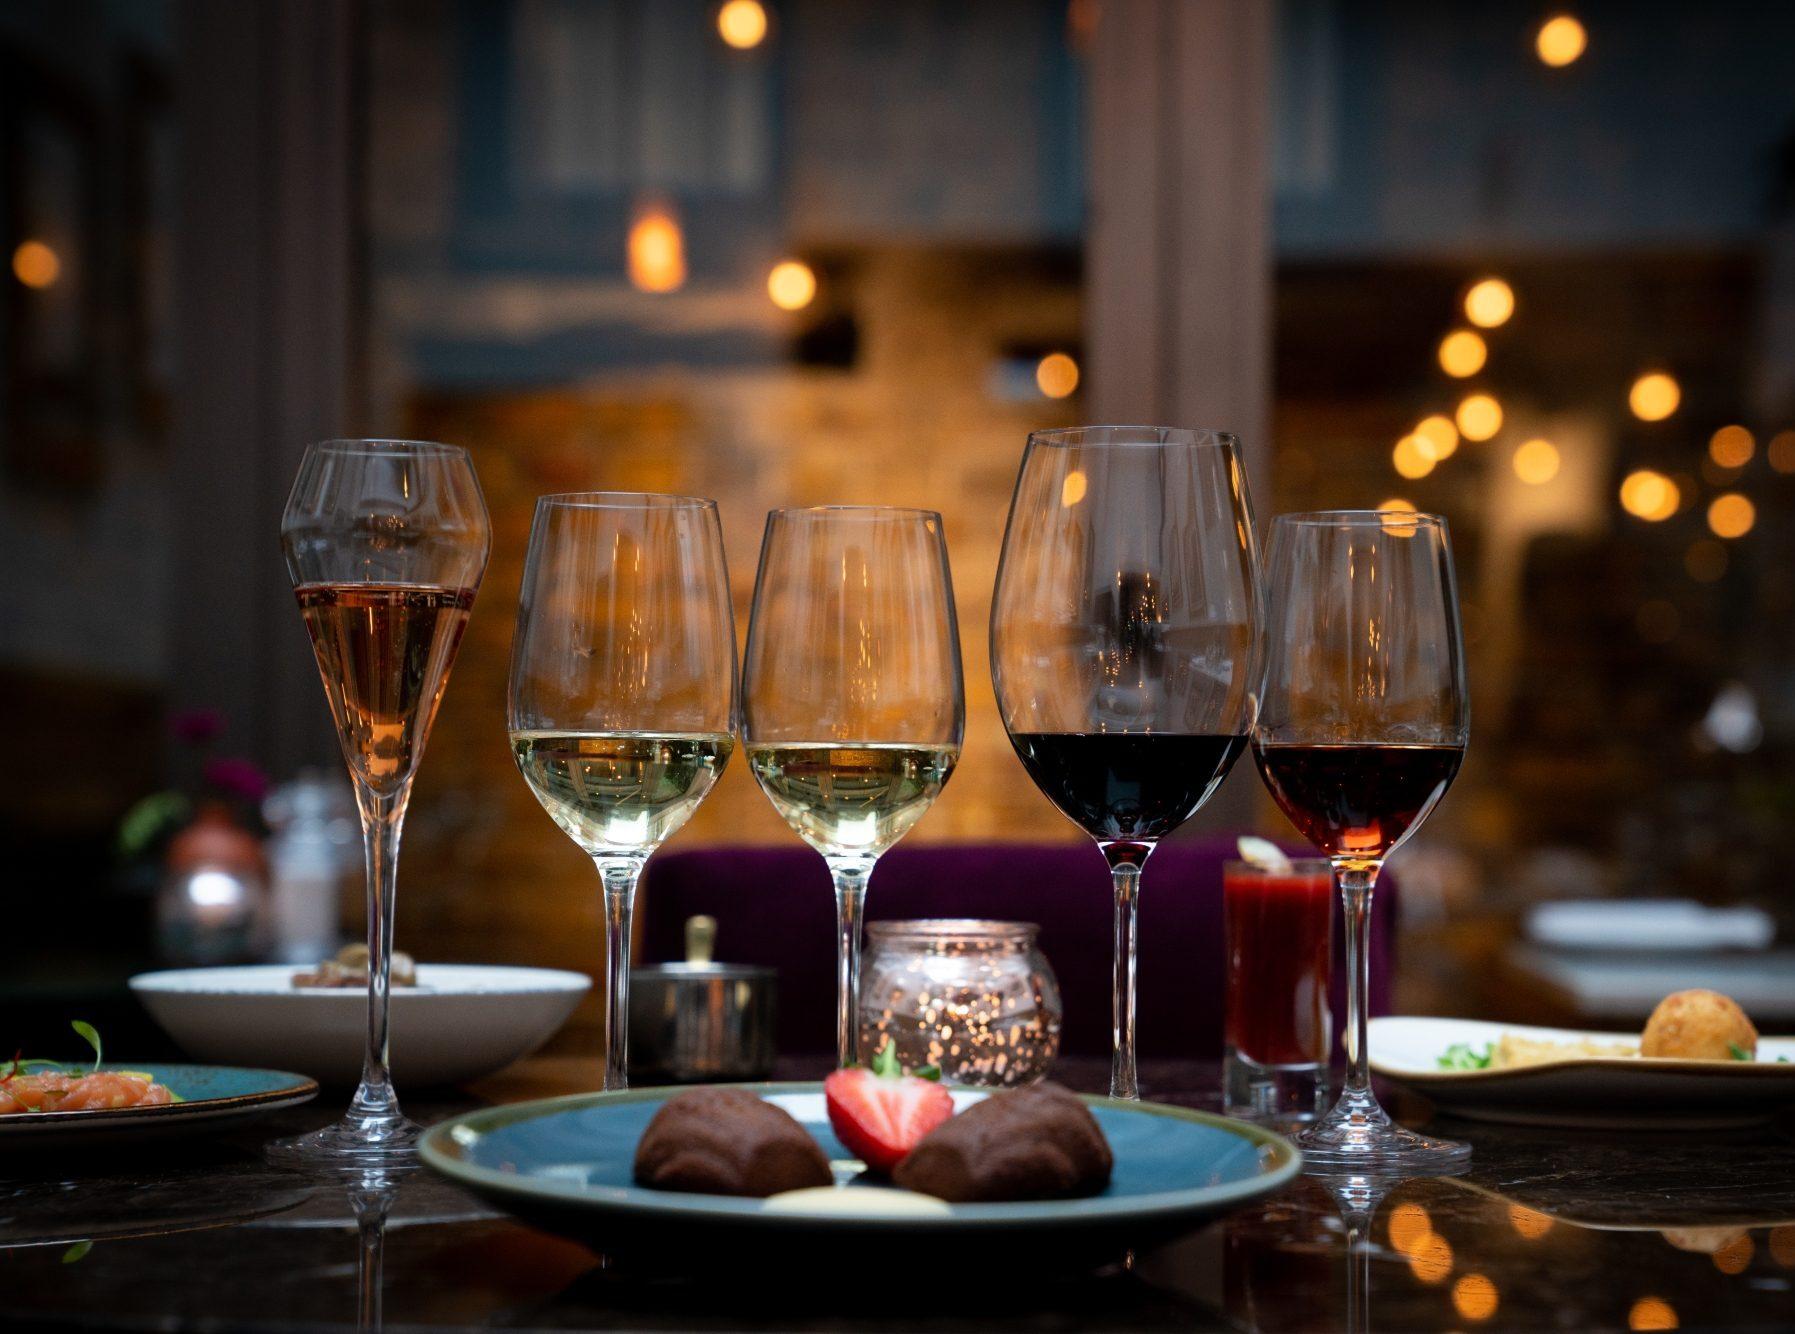 Winemakers Afternoon Tea - 28 50 Marylebone